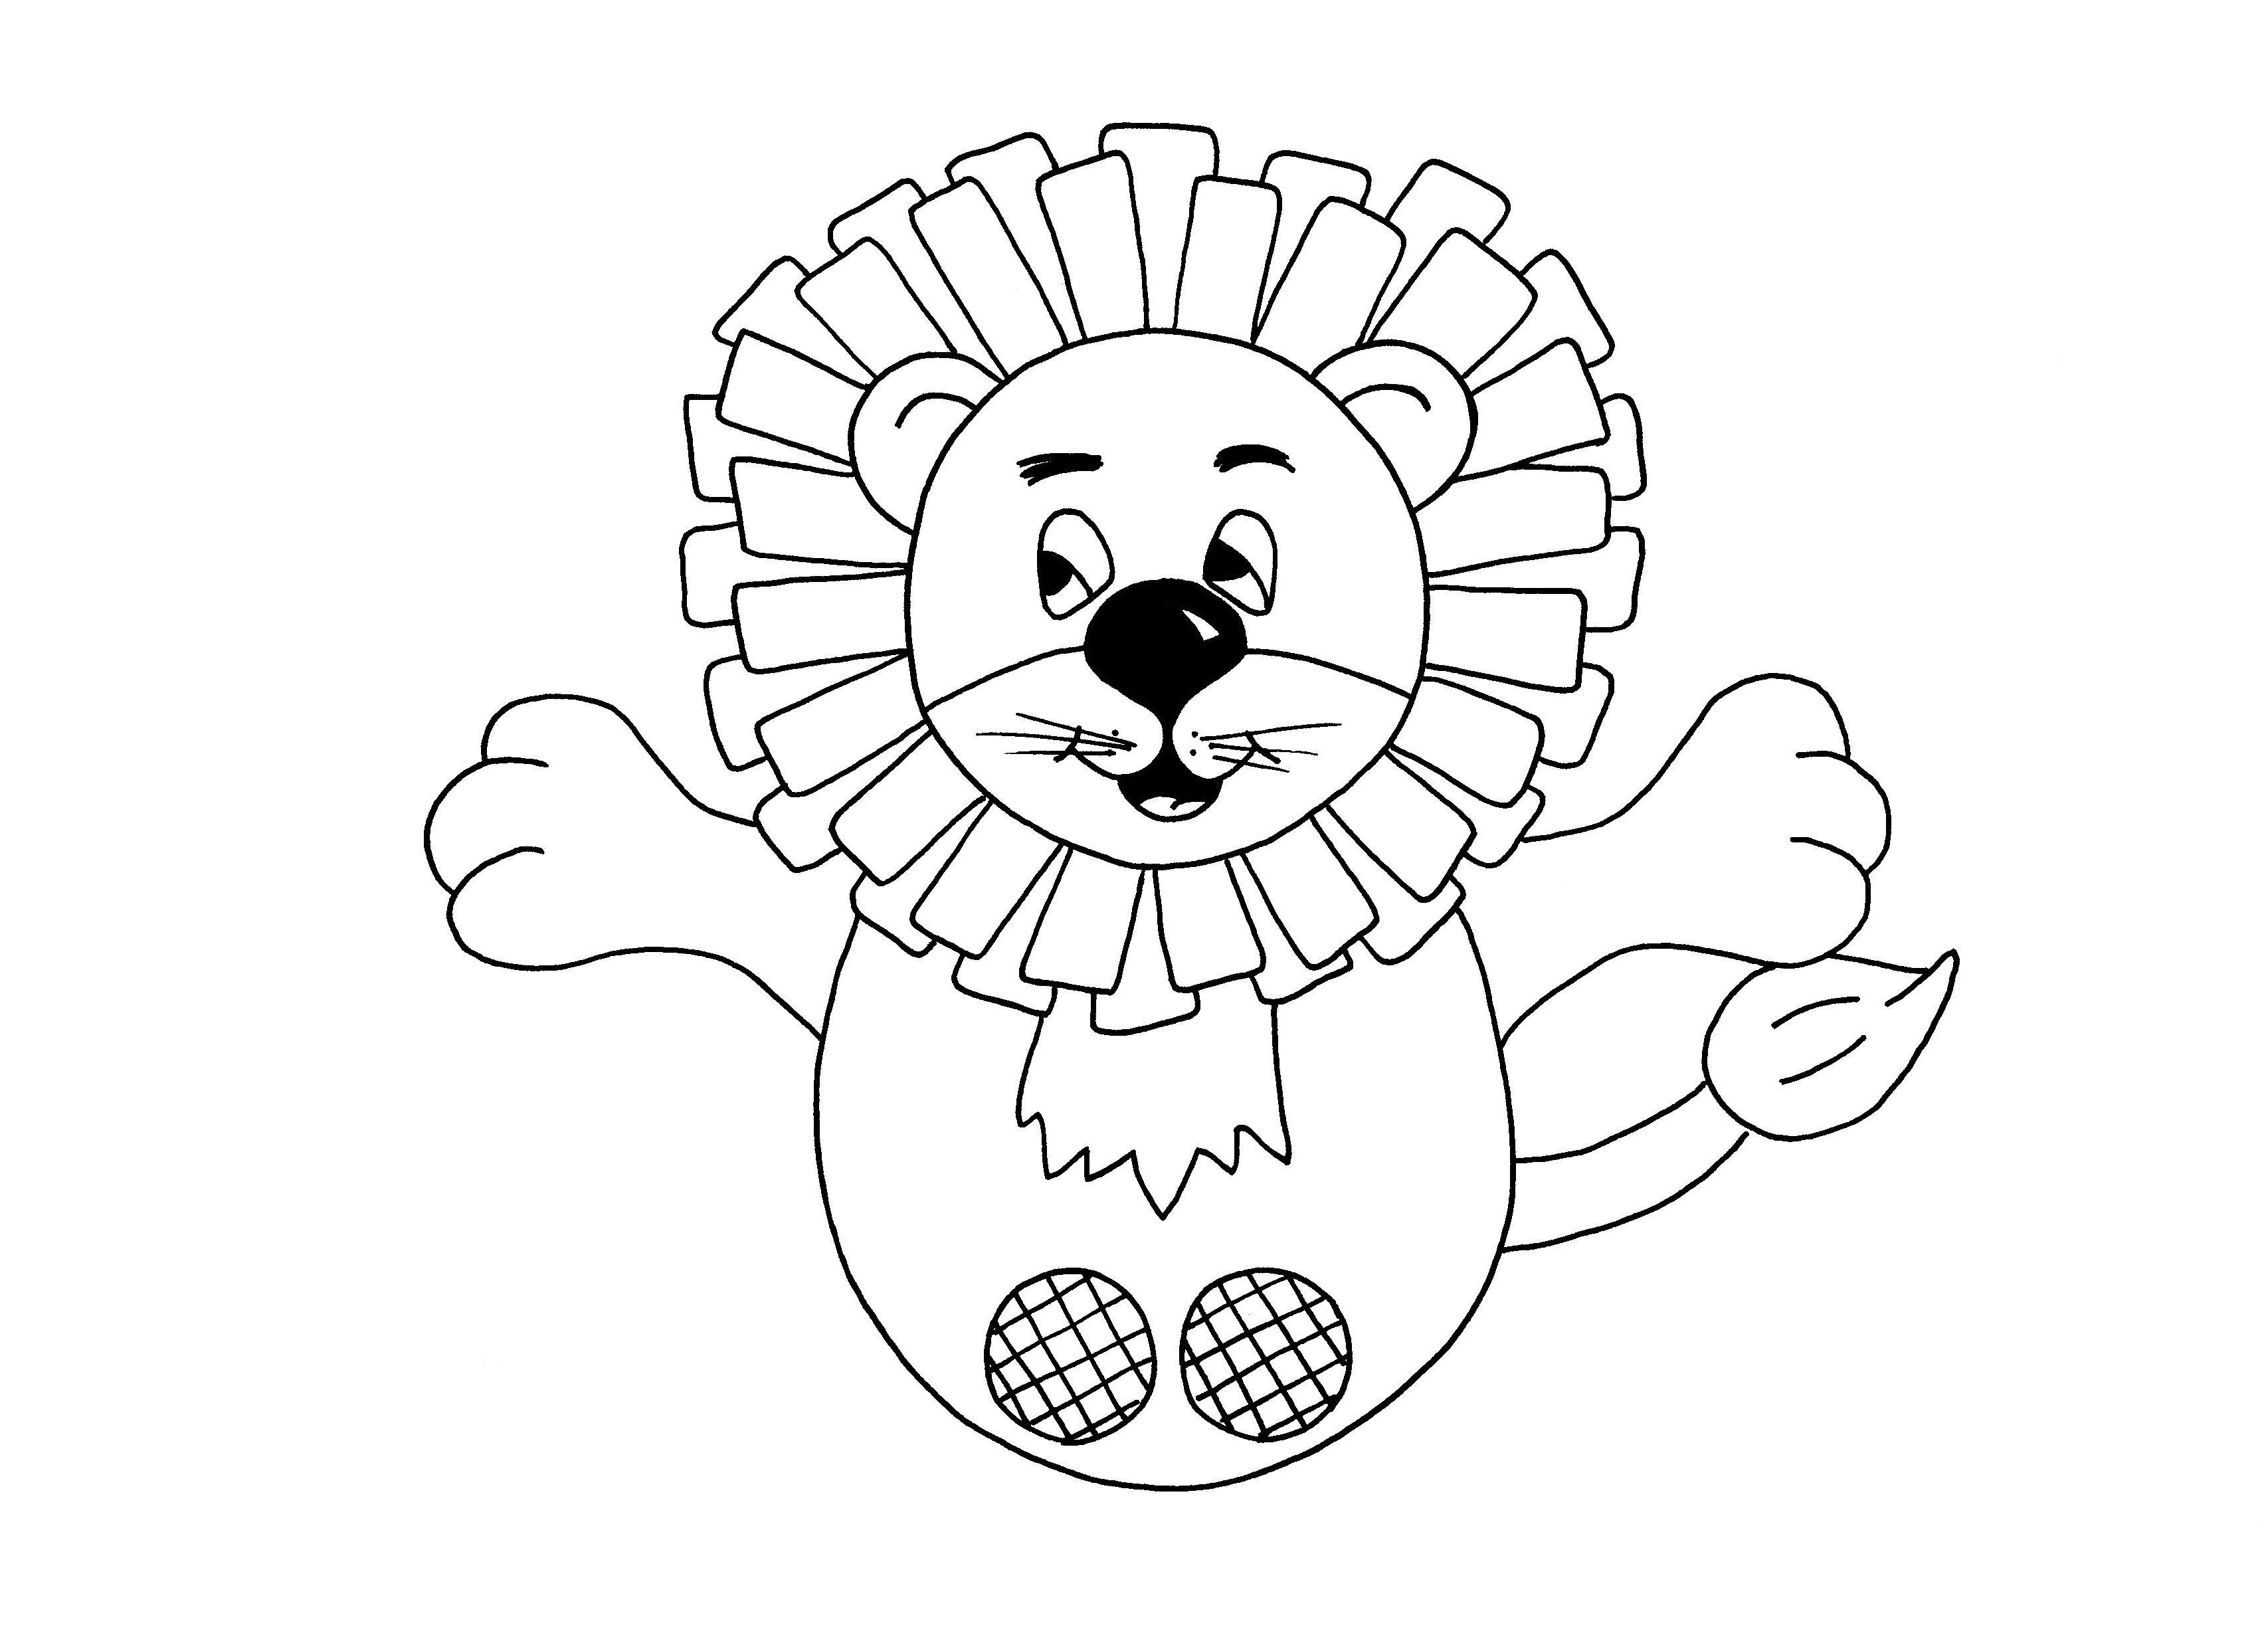 Free Pdf - Lion Finger Puppet | Felt | Finger Puppets, Glove Puppets - Free Printable Finger Puppet Templates